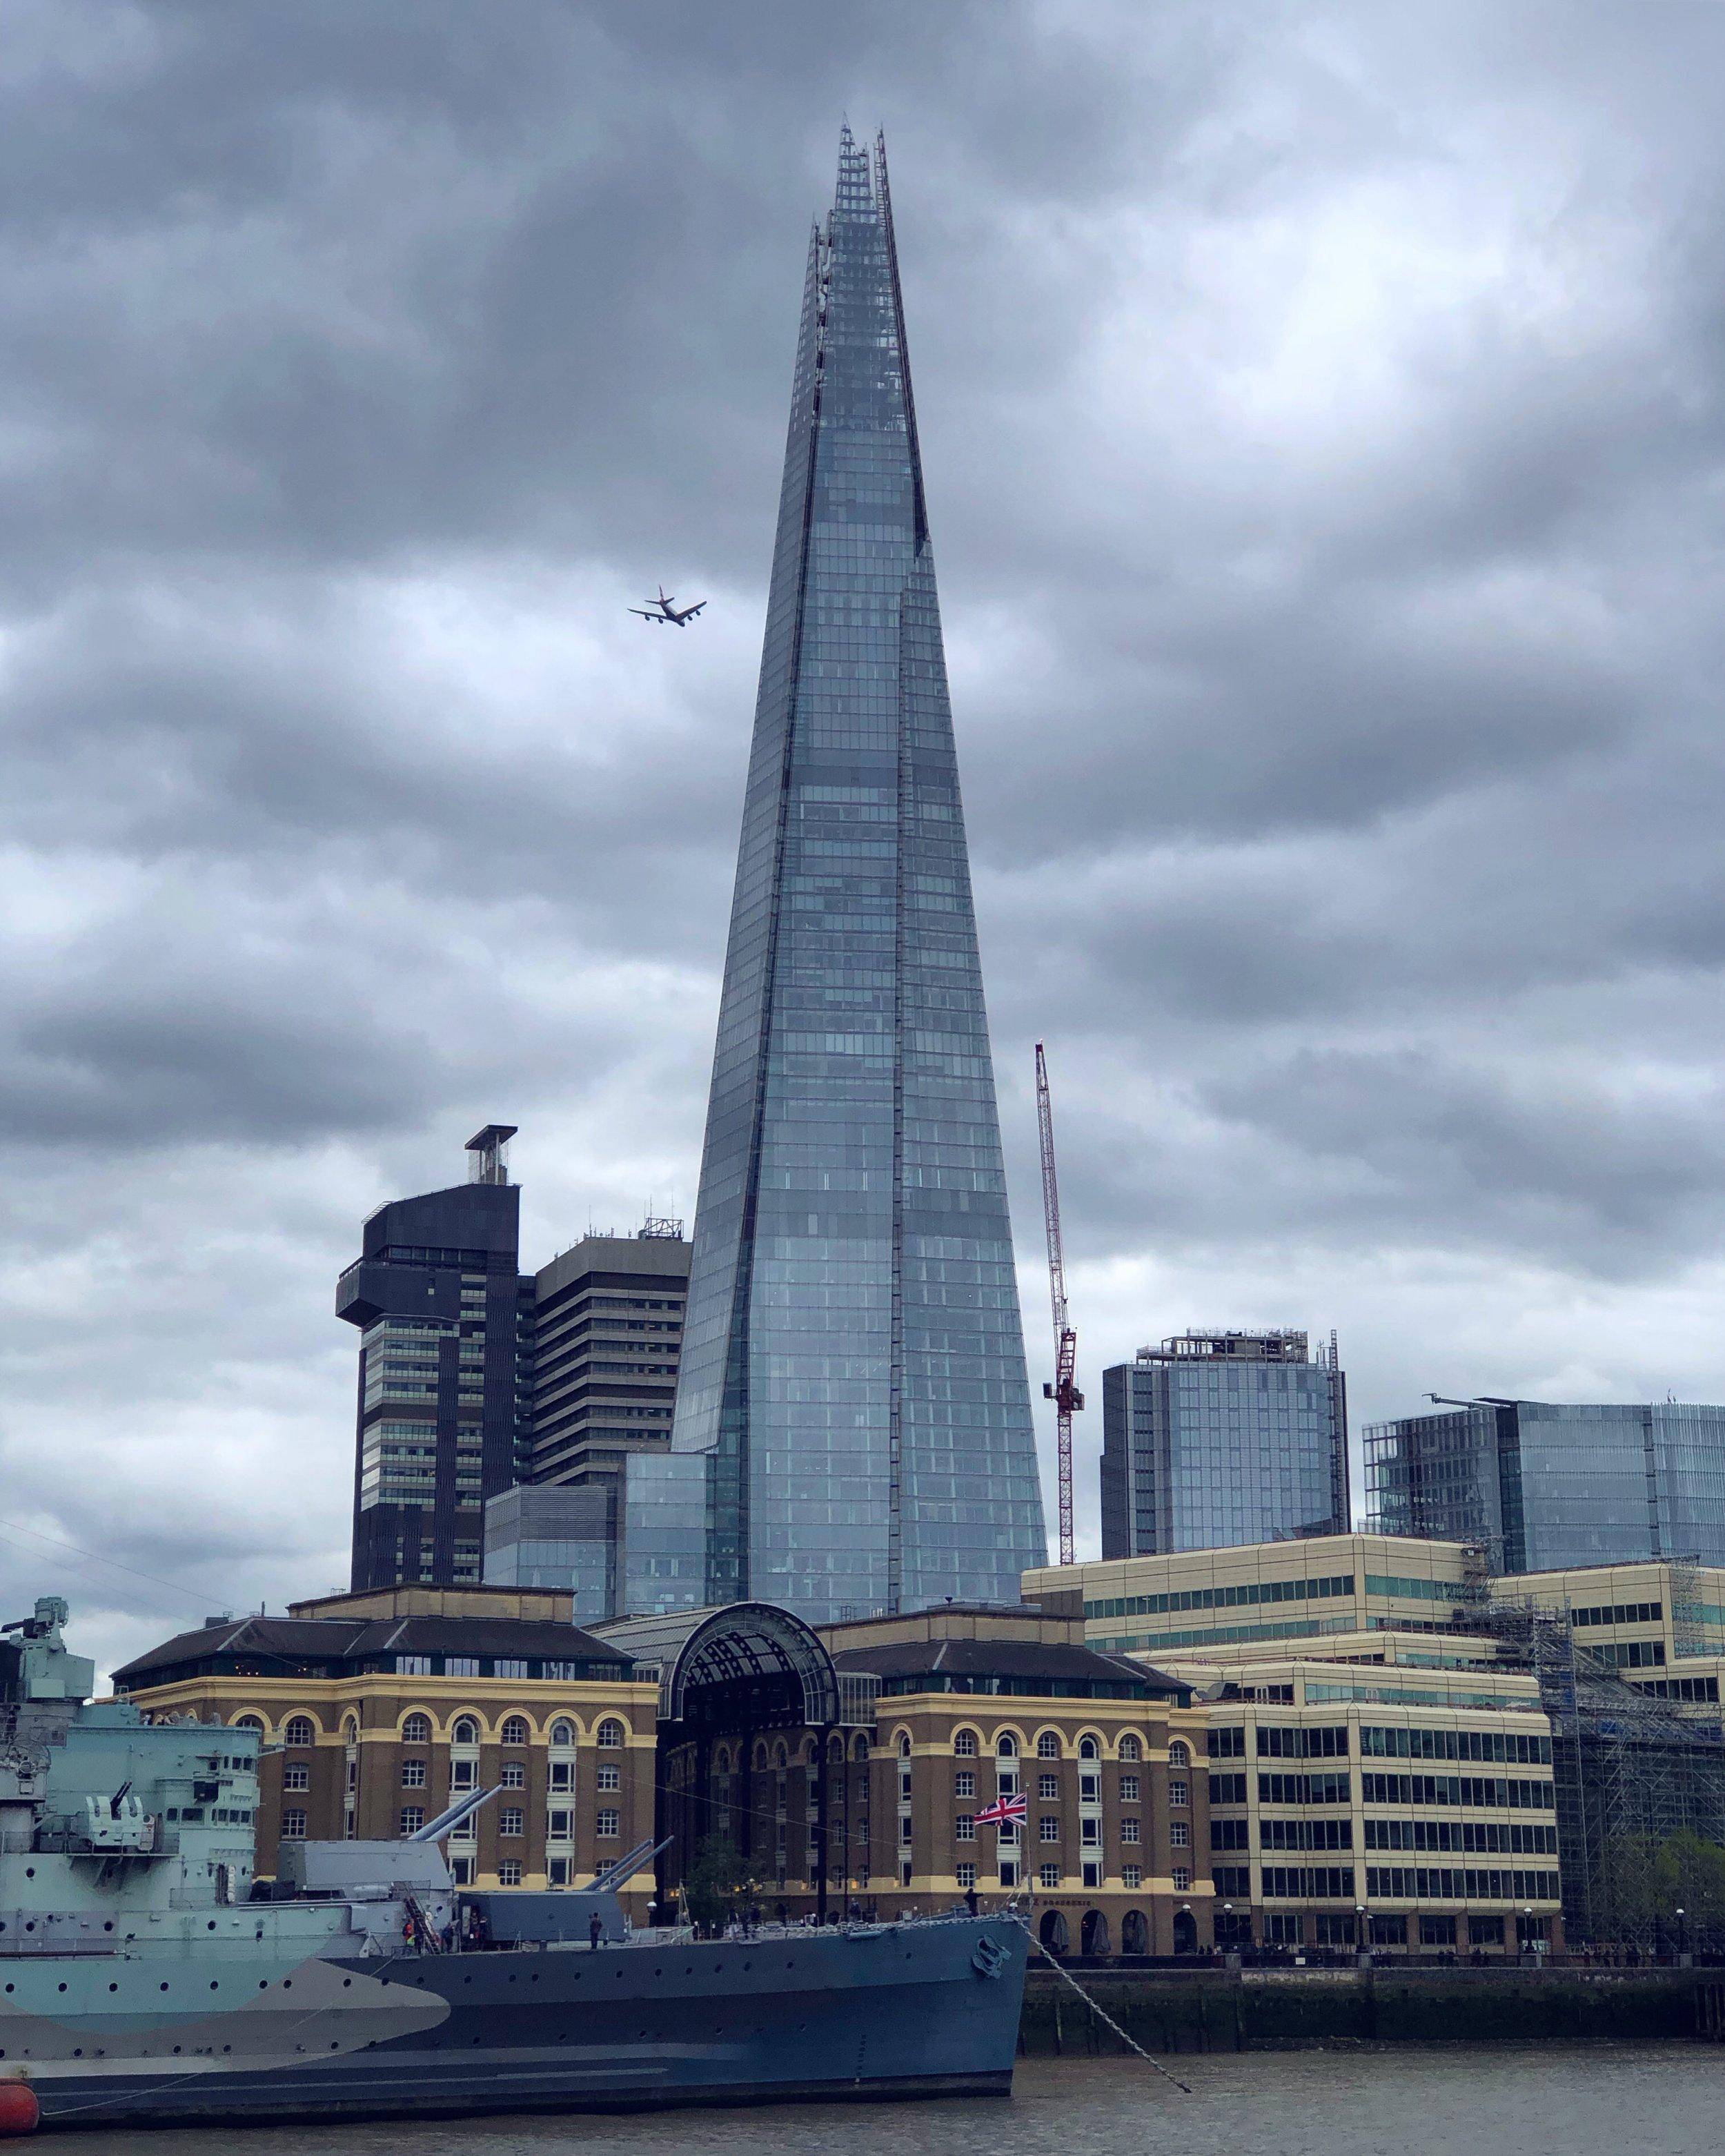 倫敦著名建築「碎片塔」The Shard